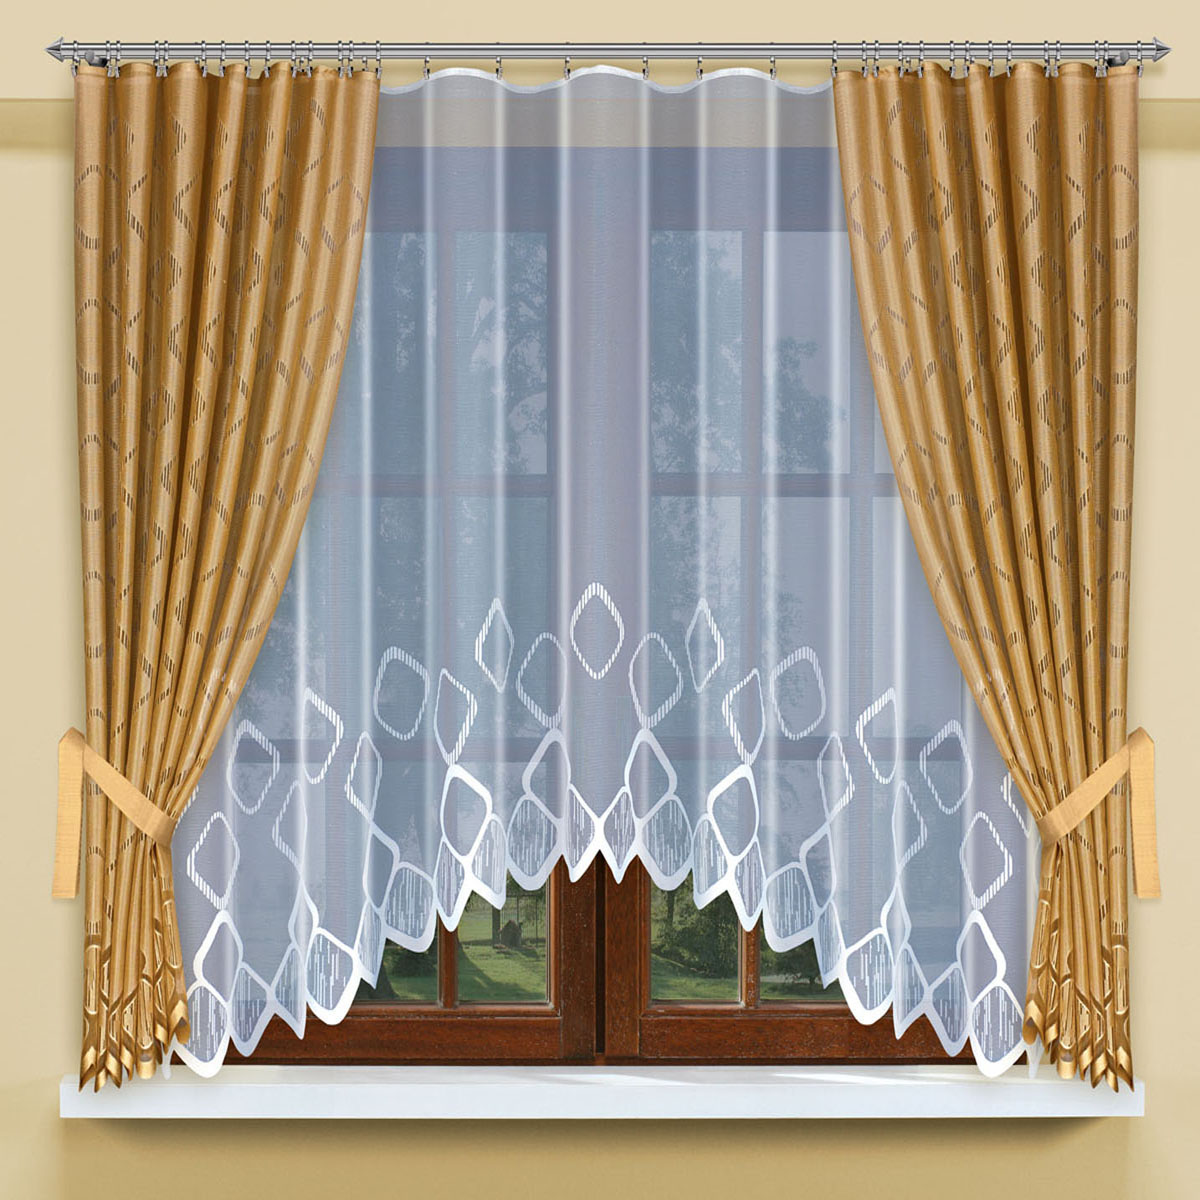 Гардина Haft, цвет: золотистый, высота 170 см956251325комплект штор для кухни, состоящий из белого жаккардового тюля , портьер золотистого цвета и подхватовРазмеры: тюль -высота 160см х ширина 300см,шторы(высота 170смх ширина 145см)*2